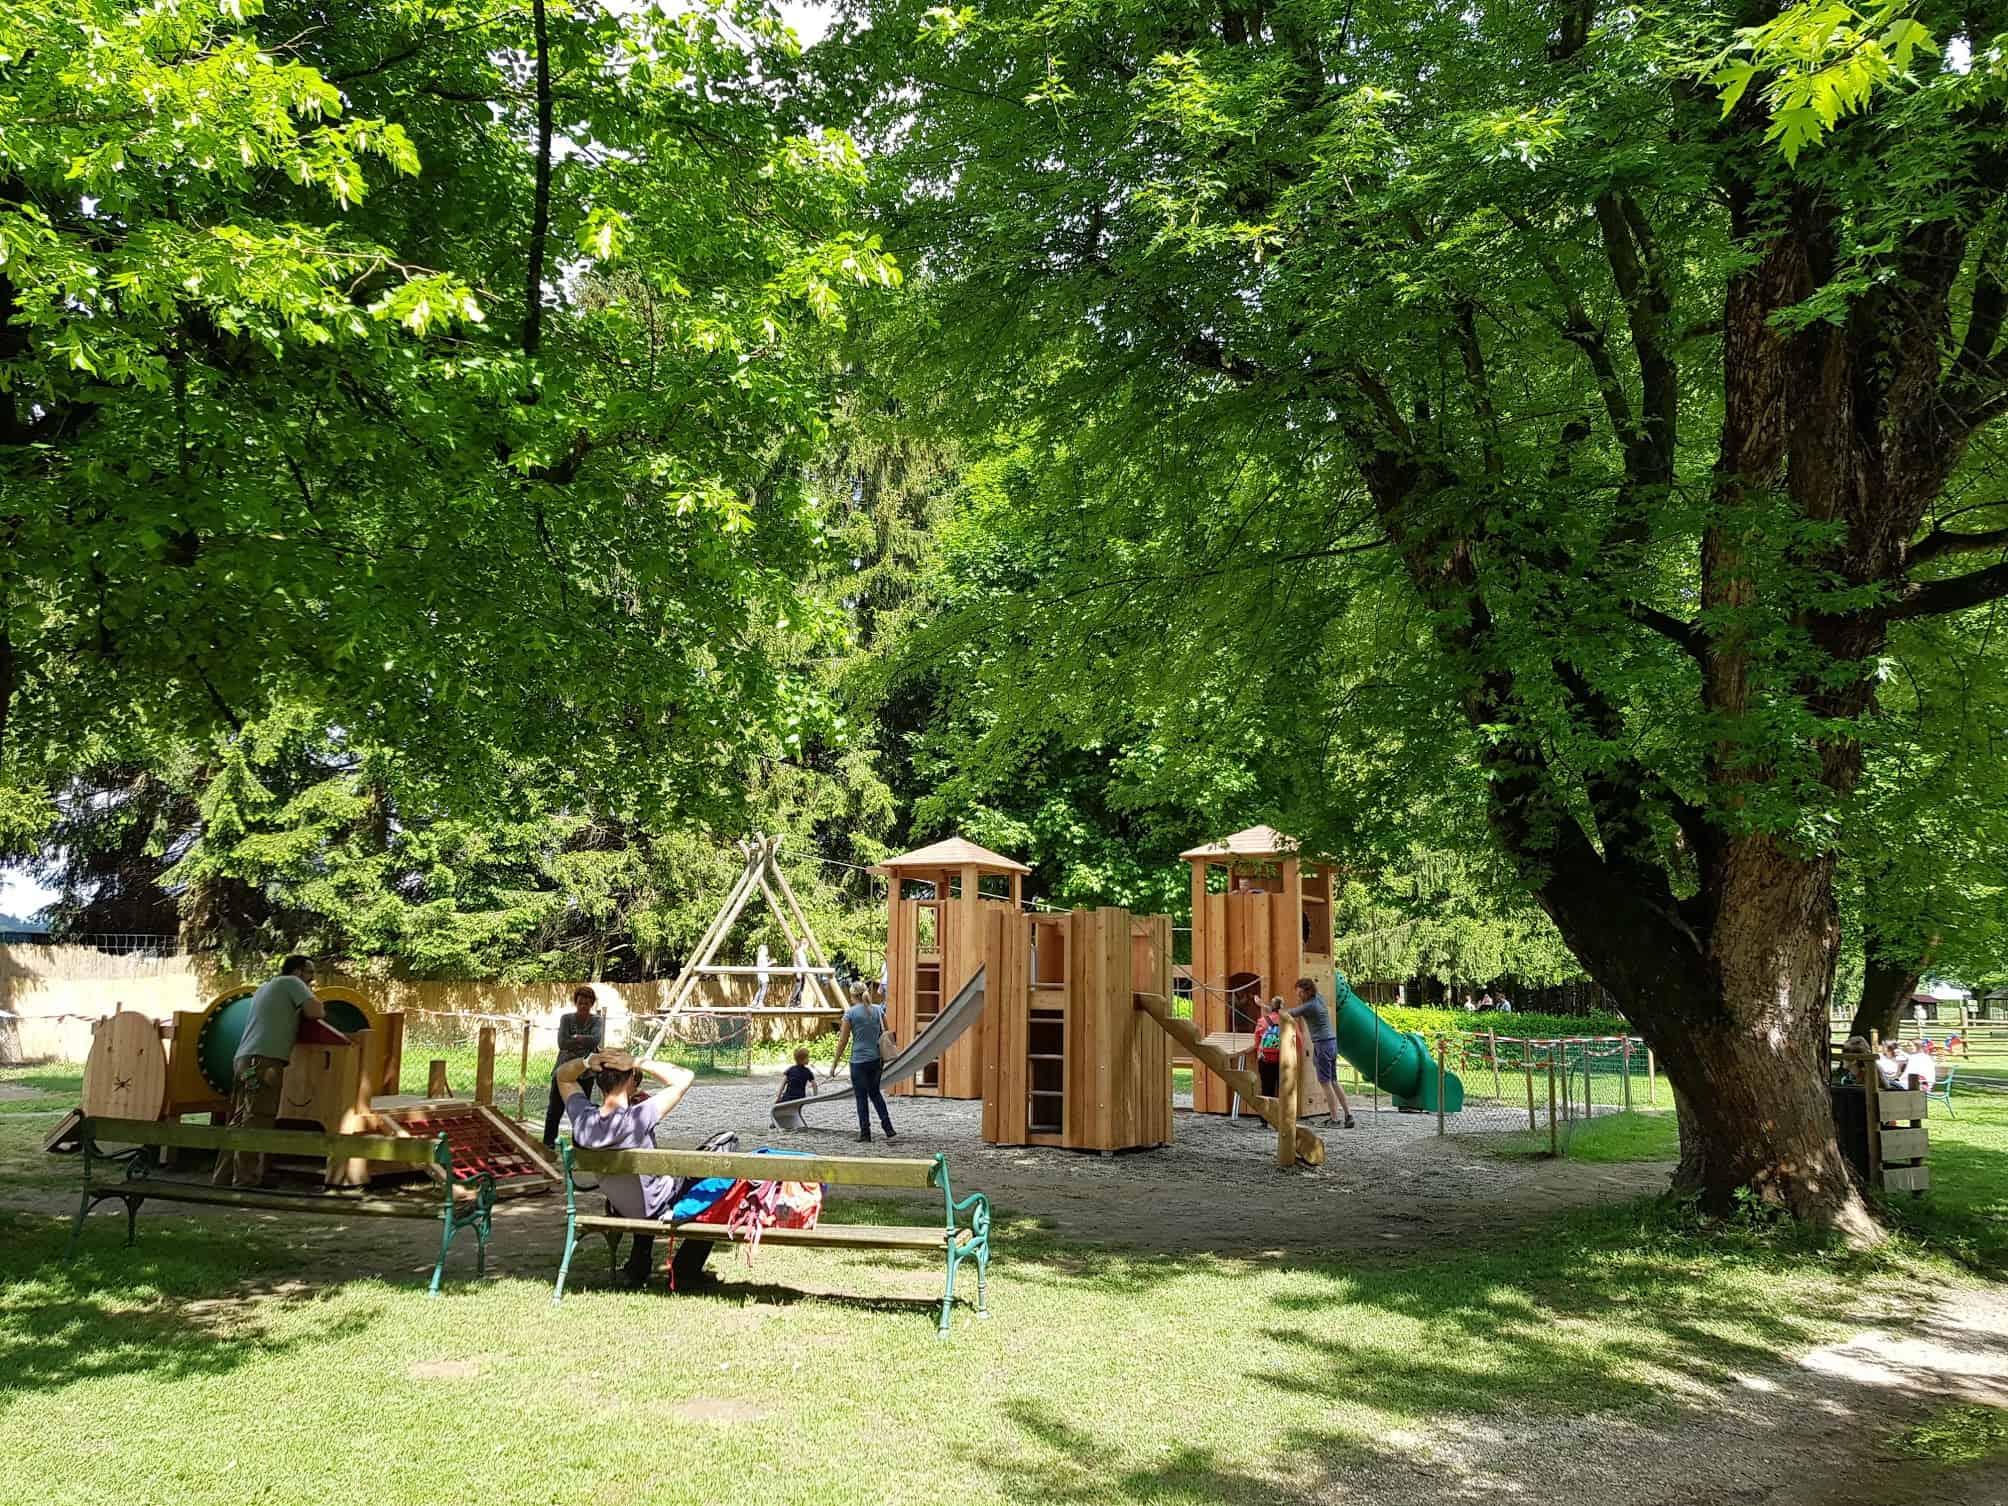 Spielplatz in Rosegg - Ausflugsziel für Familien in Kärnten, Österreich